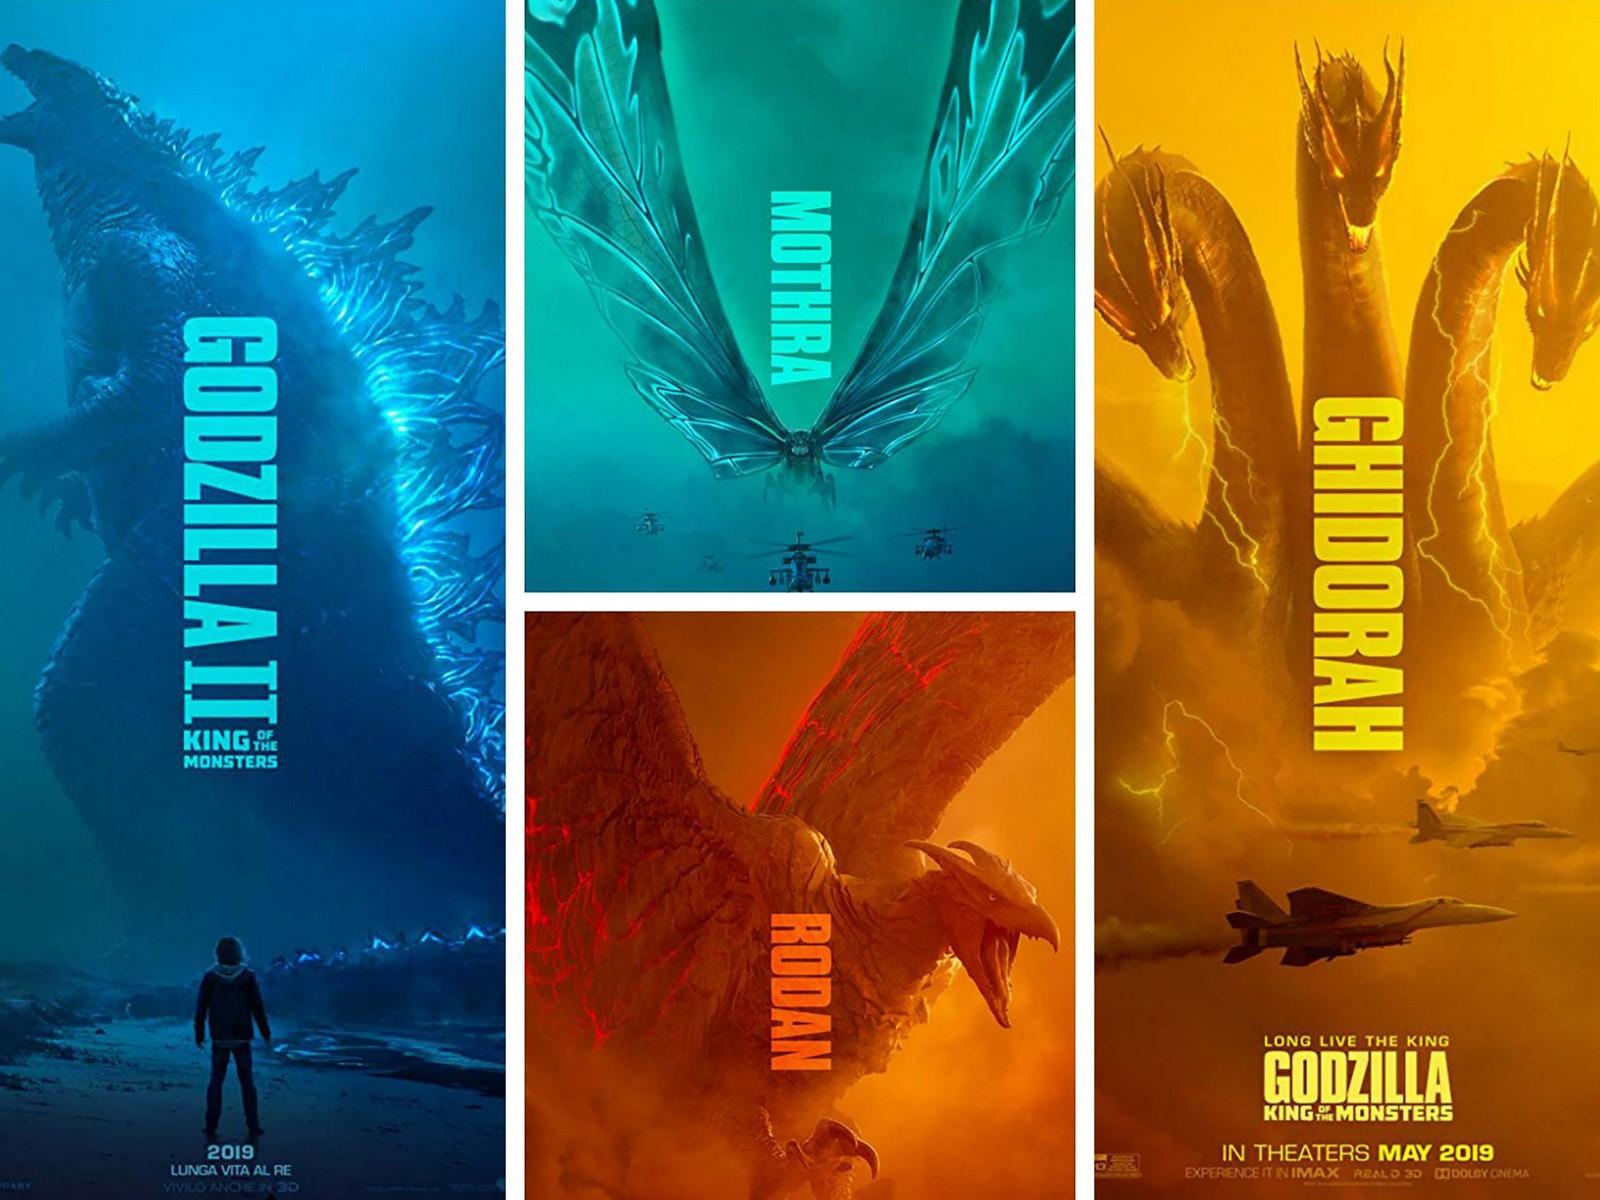 4 quái vật ấn tượng trong phim.